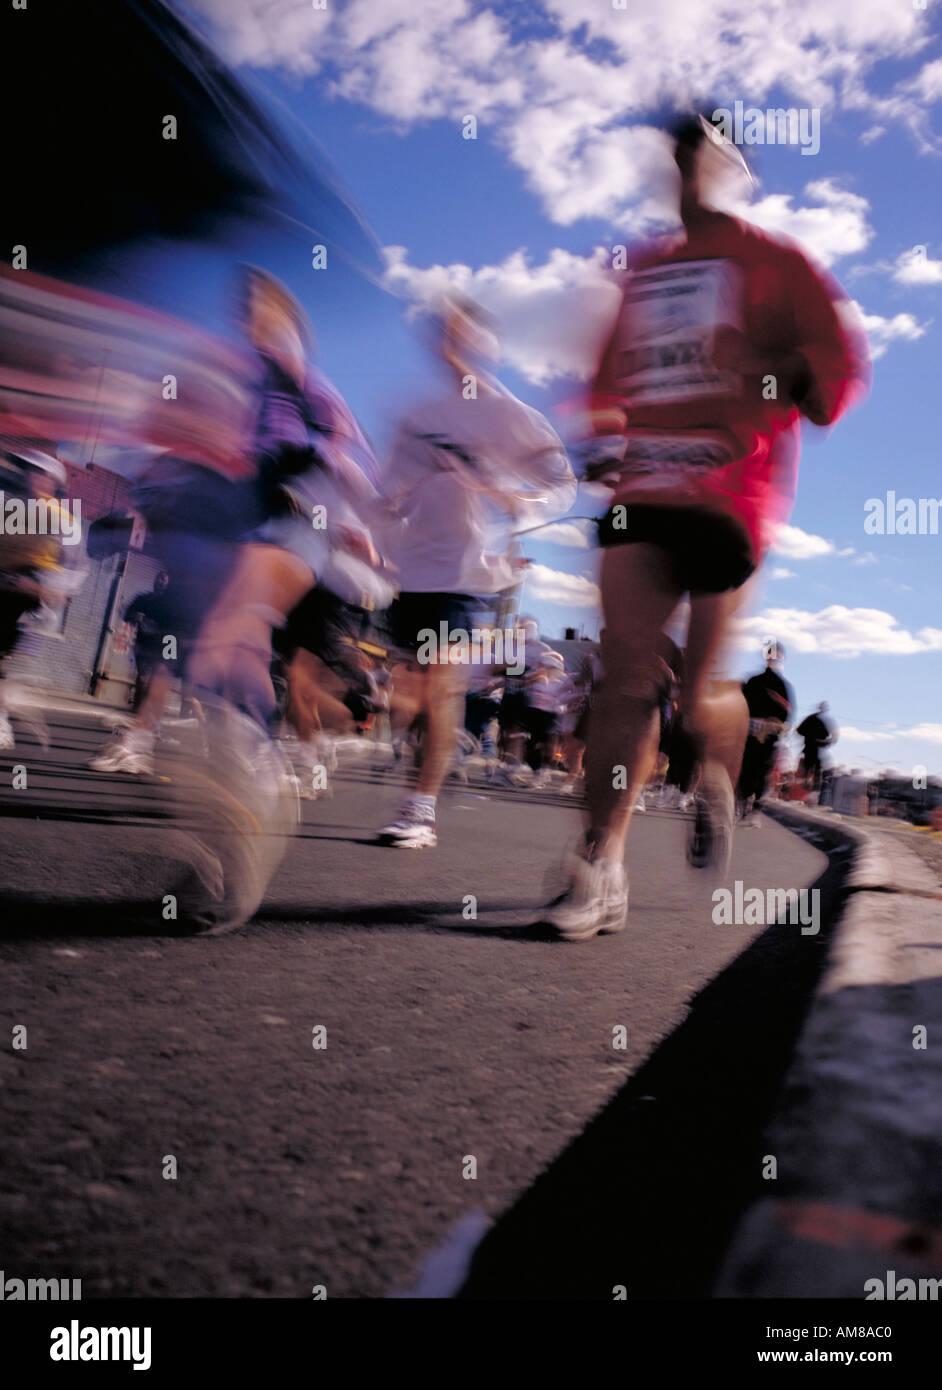 Des gens courir marathon blurred motion déformé Photo Stock